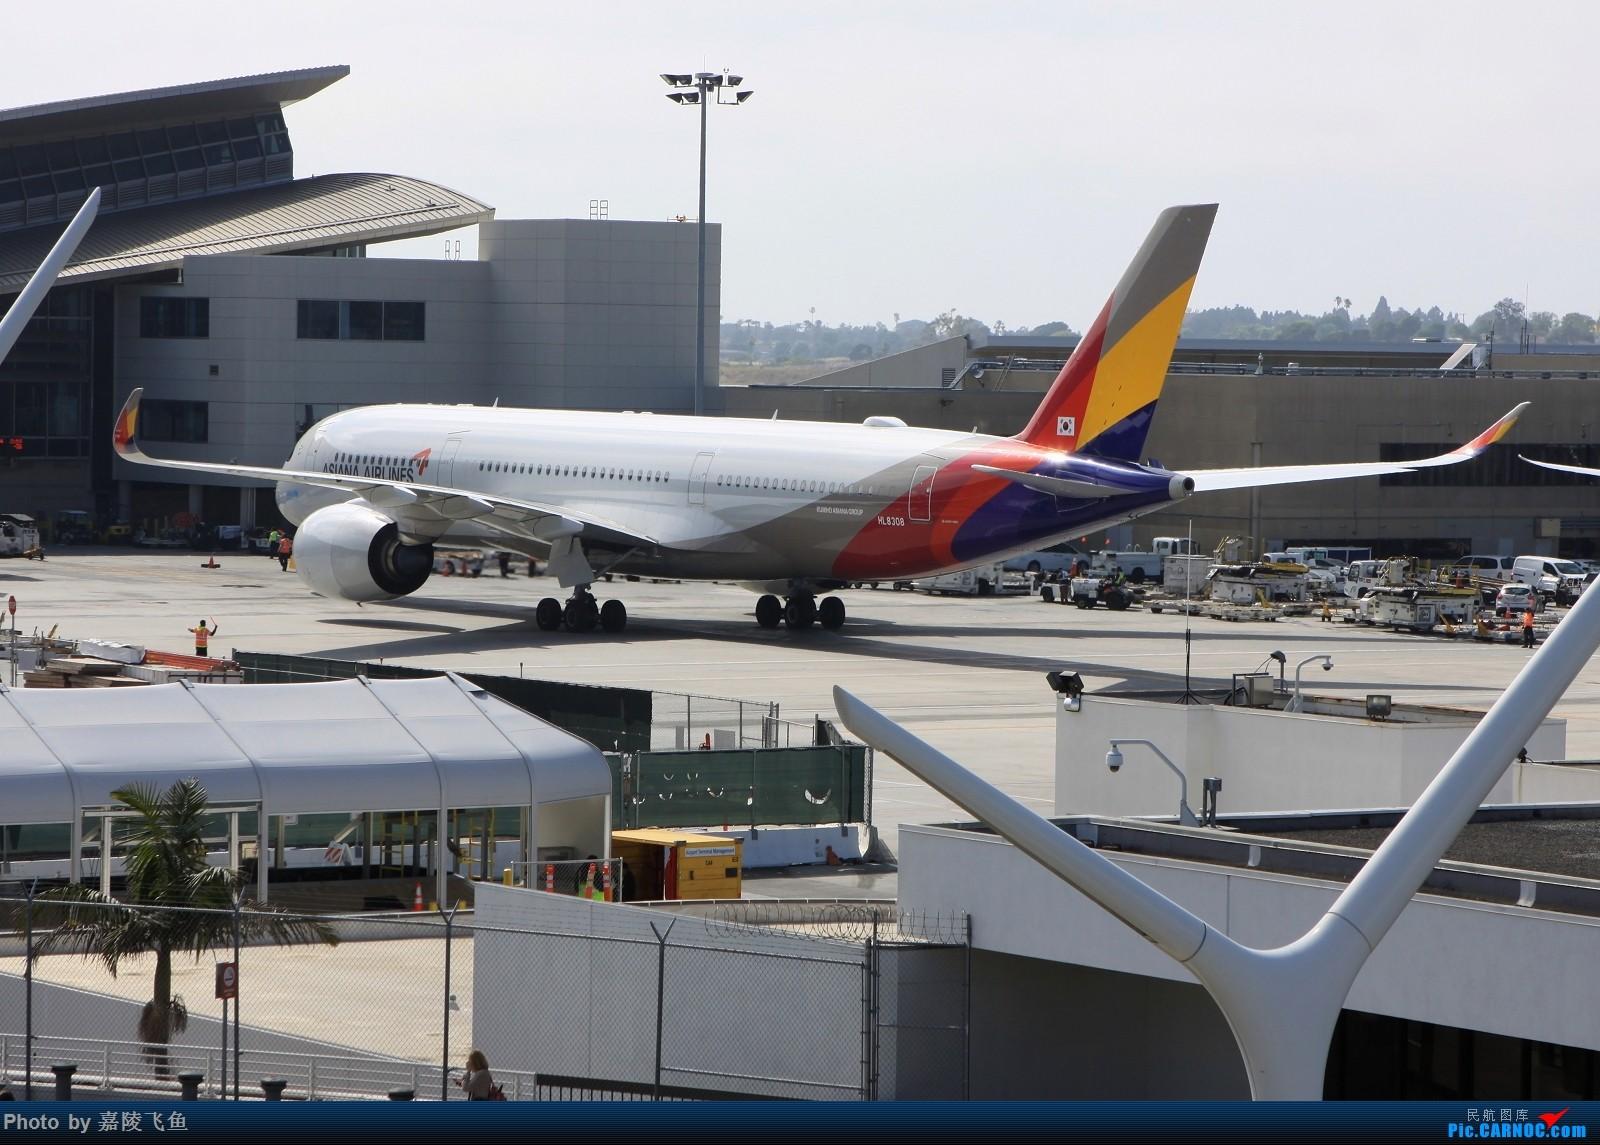 [原创]LAX 韩亚350 AIRBUS A350-900 HL8308 美国洛杉矶机场